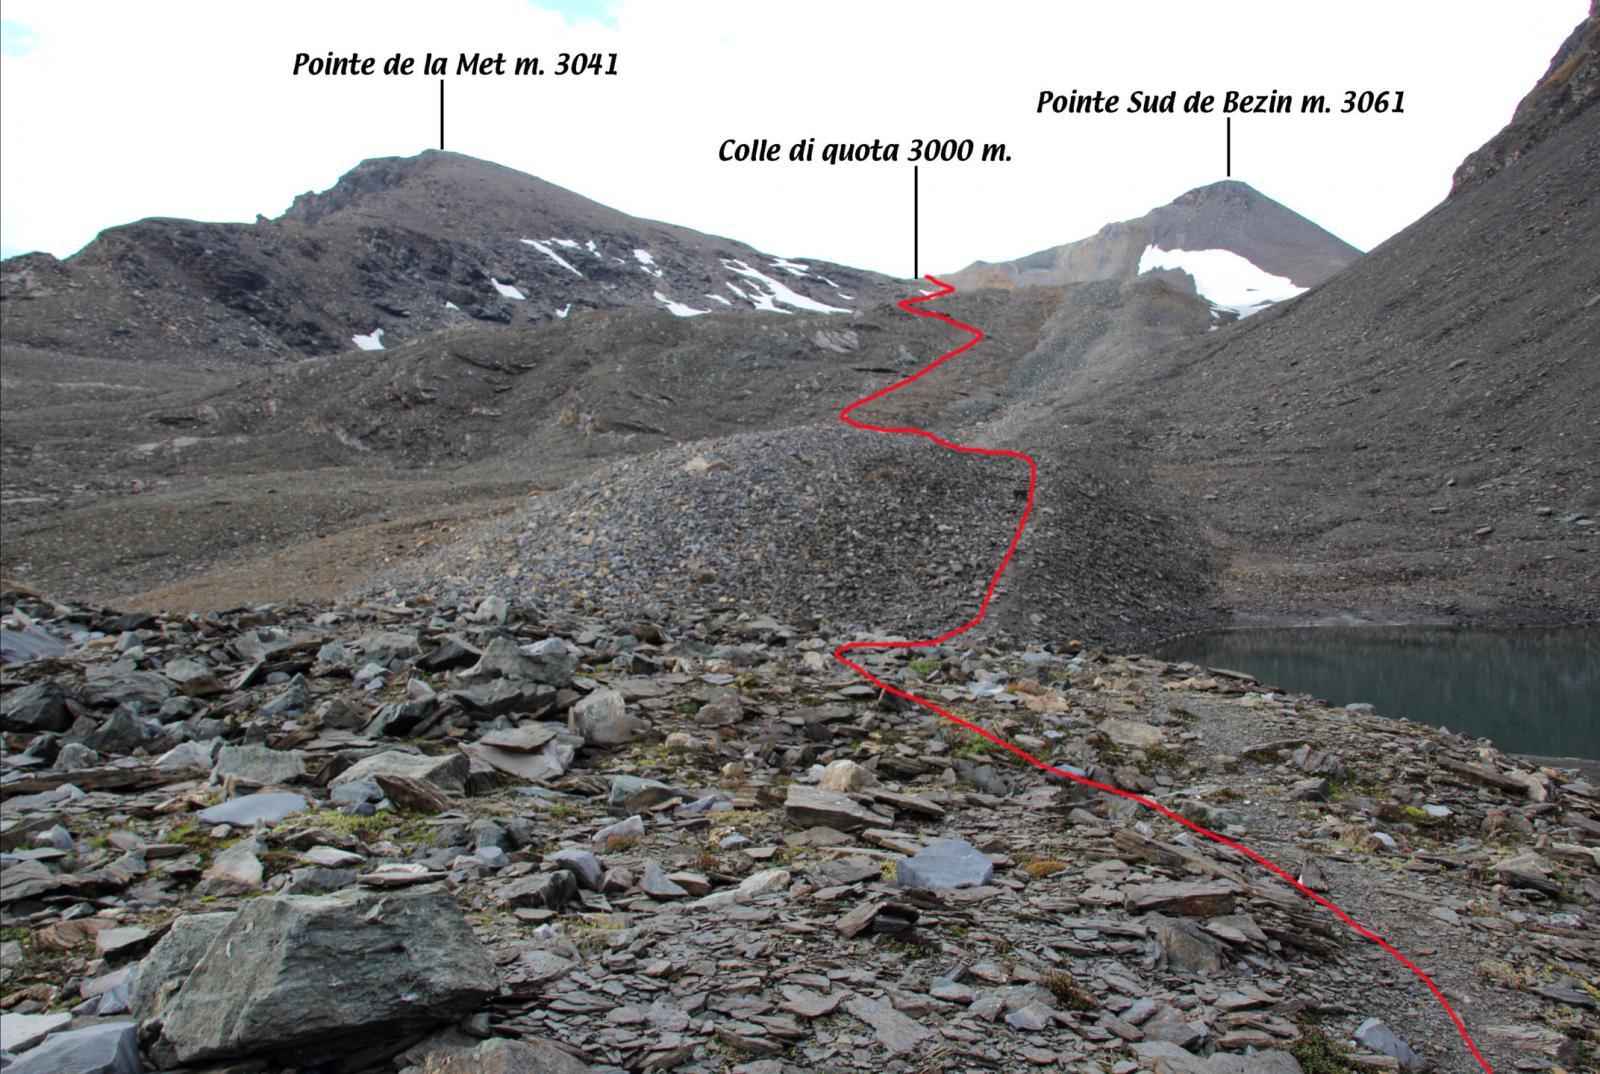 tratto che sale verso il colle di quota 3000 m visto dai pressi del Laghetto du Fond